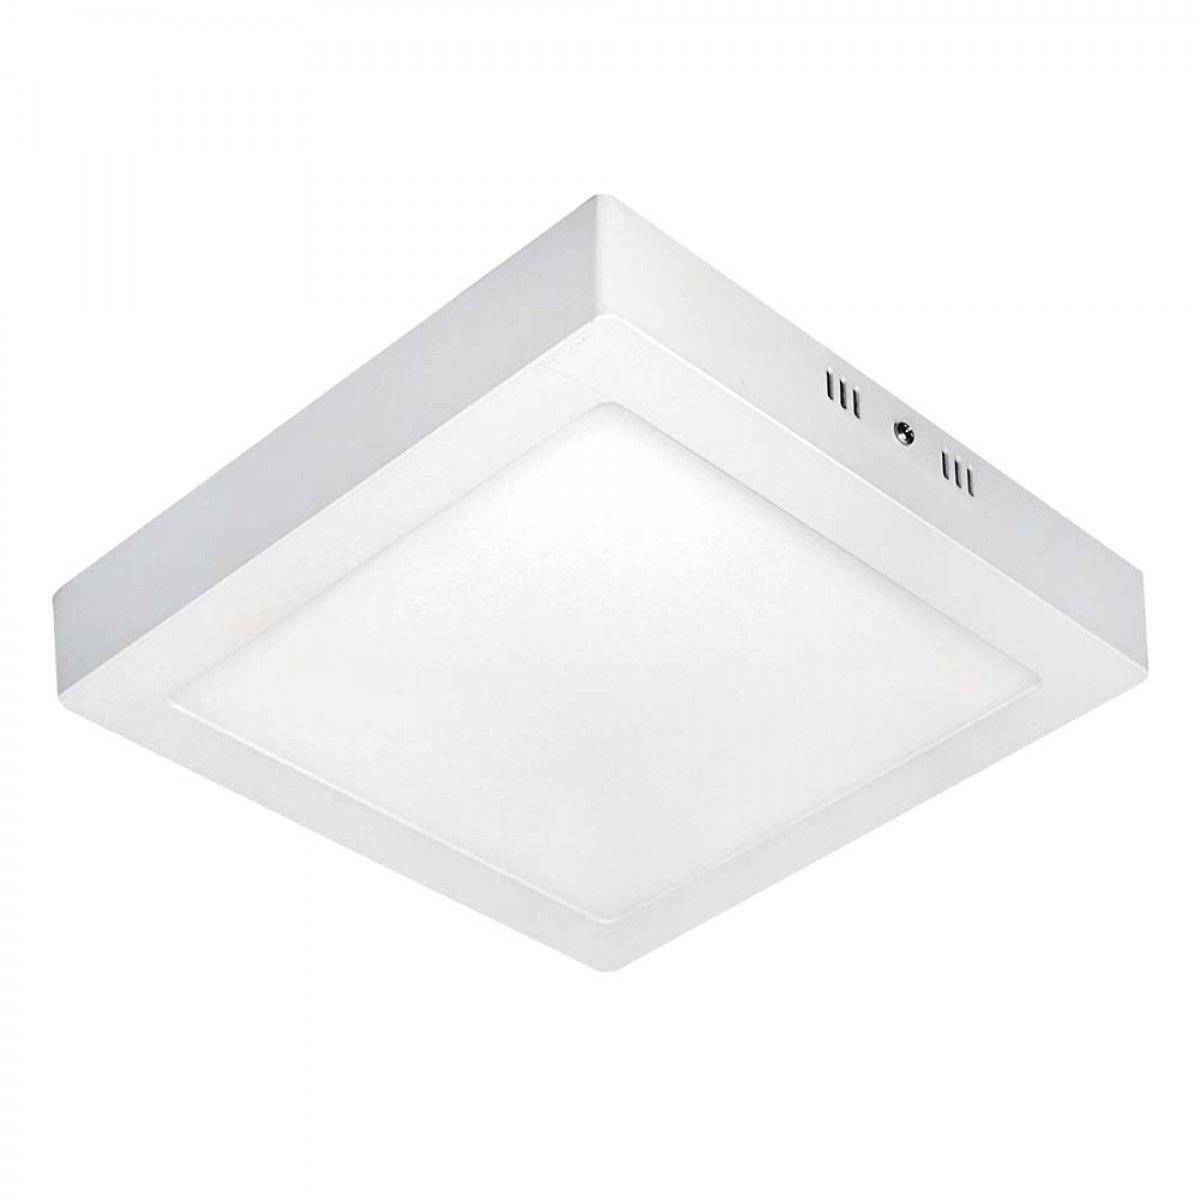 Plafon LED de alumínio de sobrepor quadrado 24w 3000k ou 6000k Bi-Volt